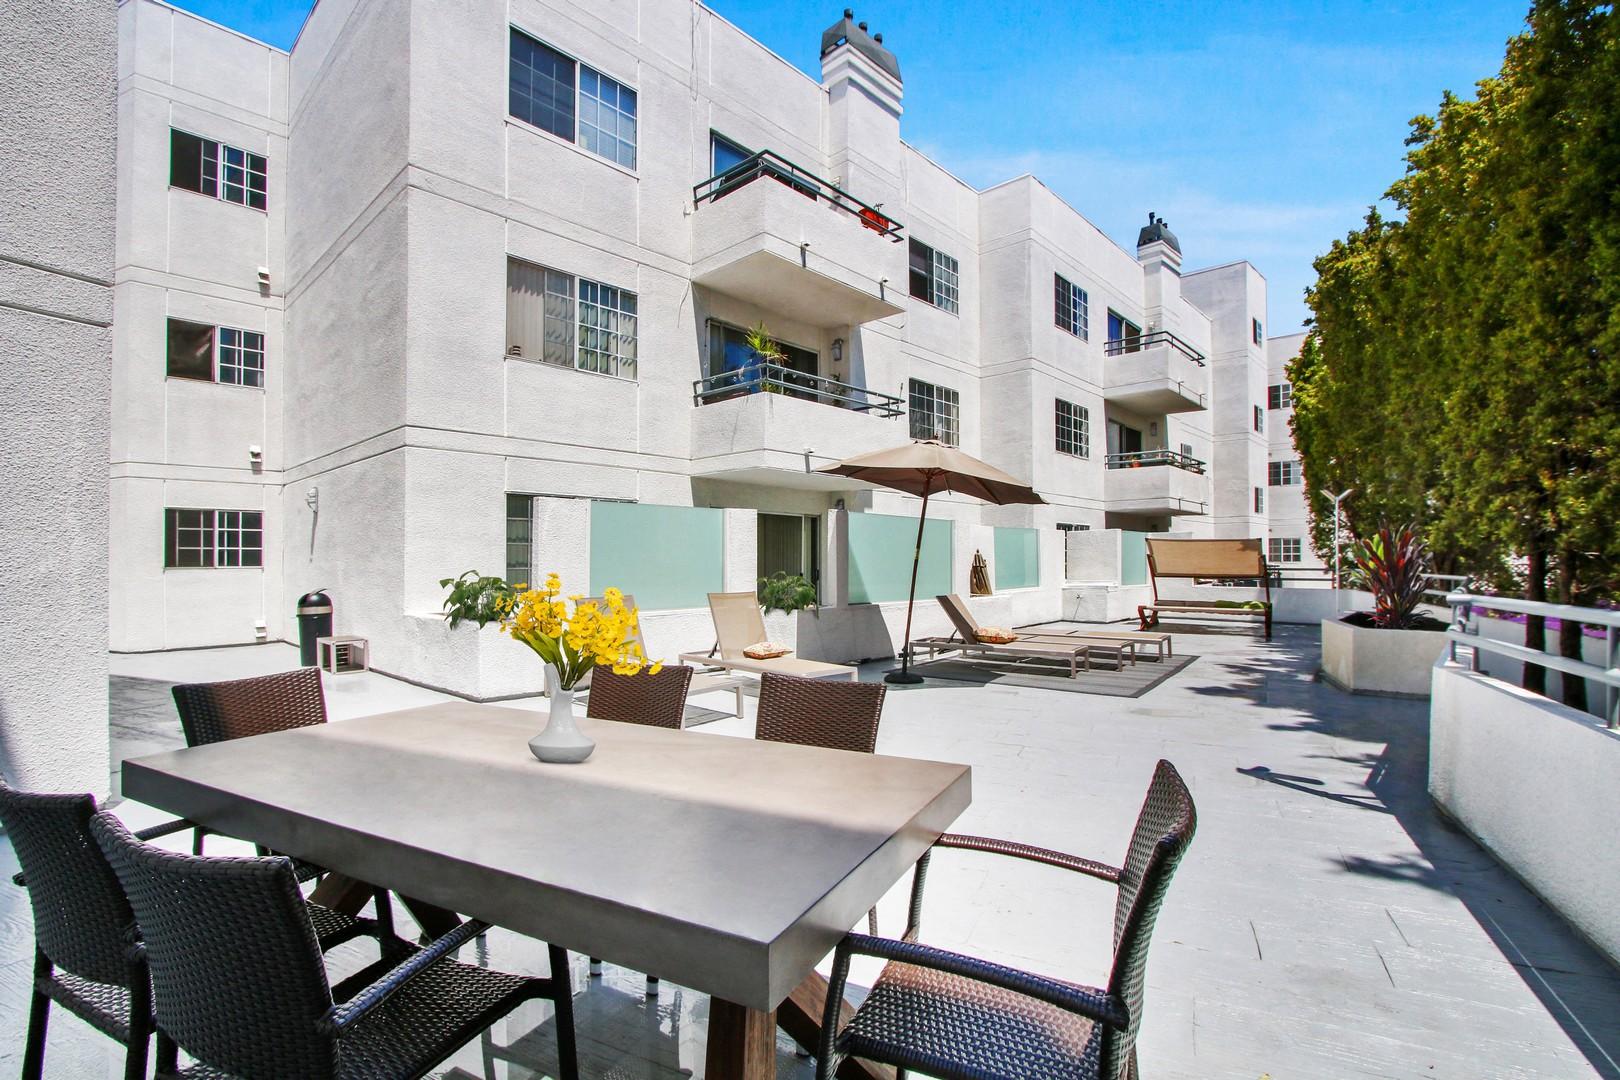 Beverlywood Luxury Apartments photo